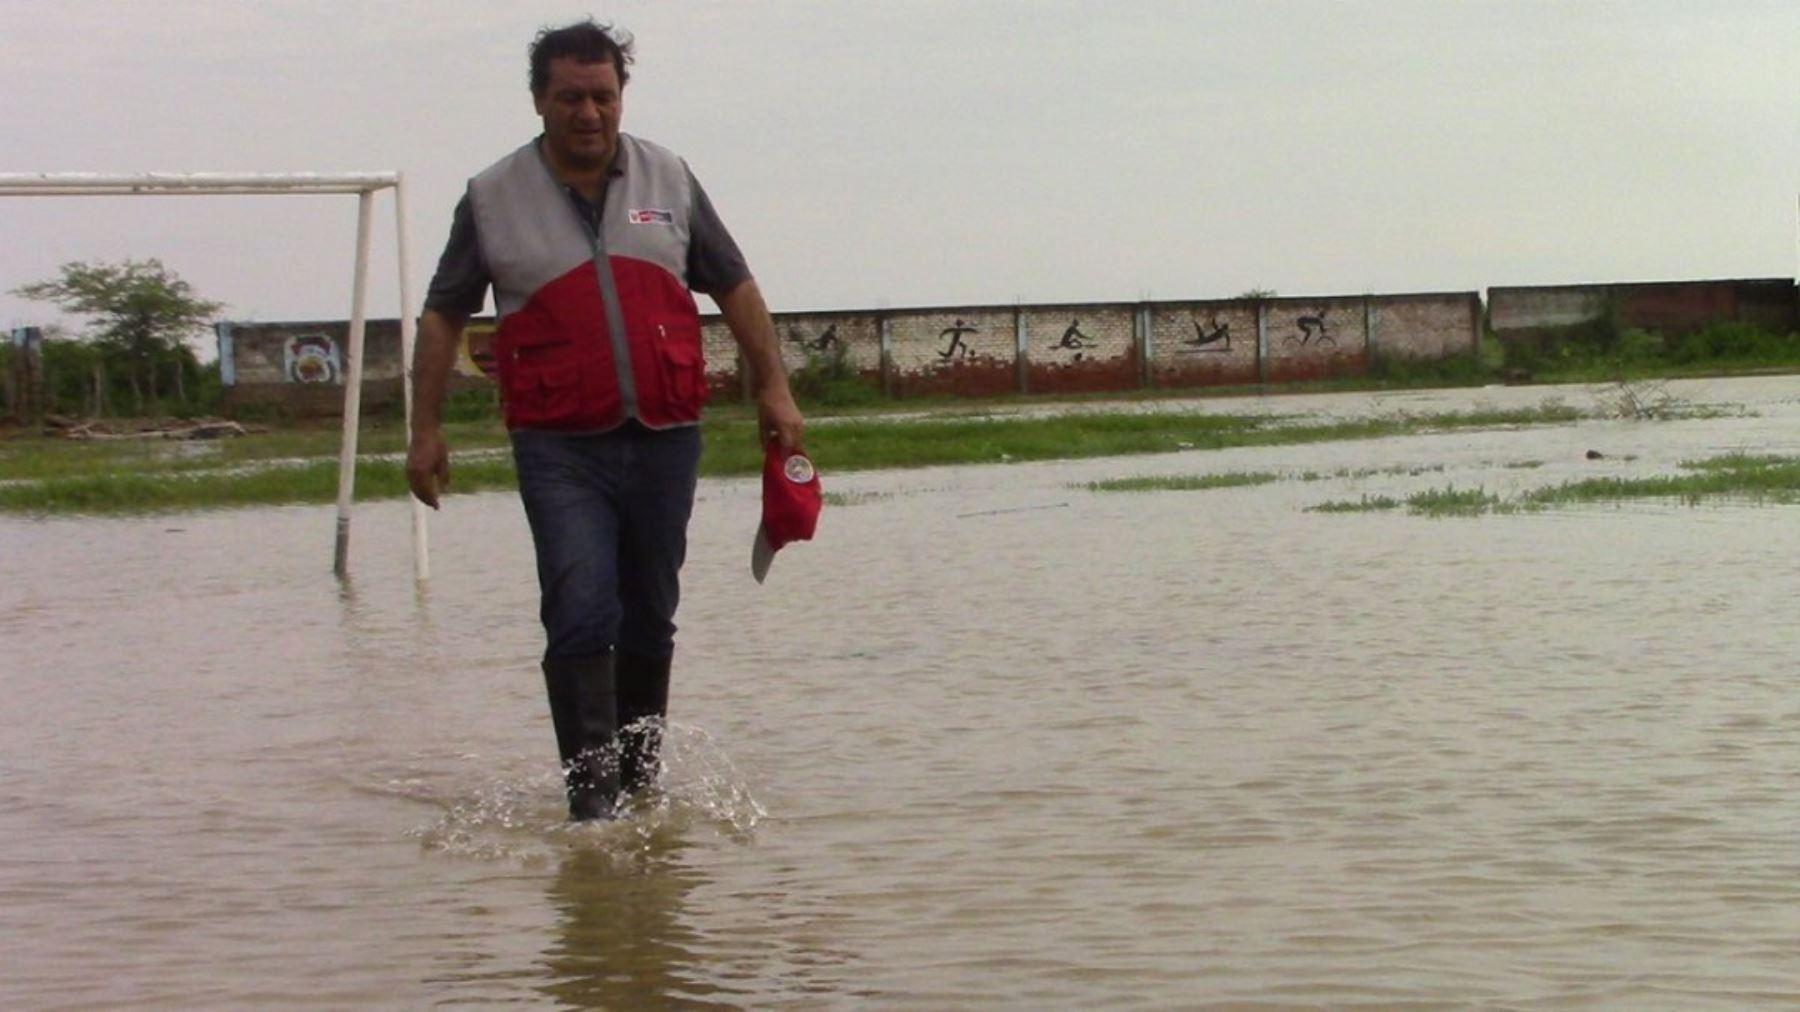 Intensas lluvias se registran desde inicios de la semana en Tumbes y otras regiones del país, lo que ha provocado inundaciones y daños a varios colegios, locales y viviendas en general.